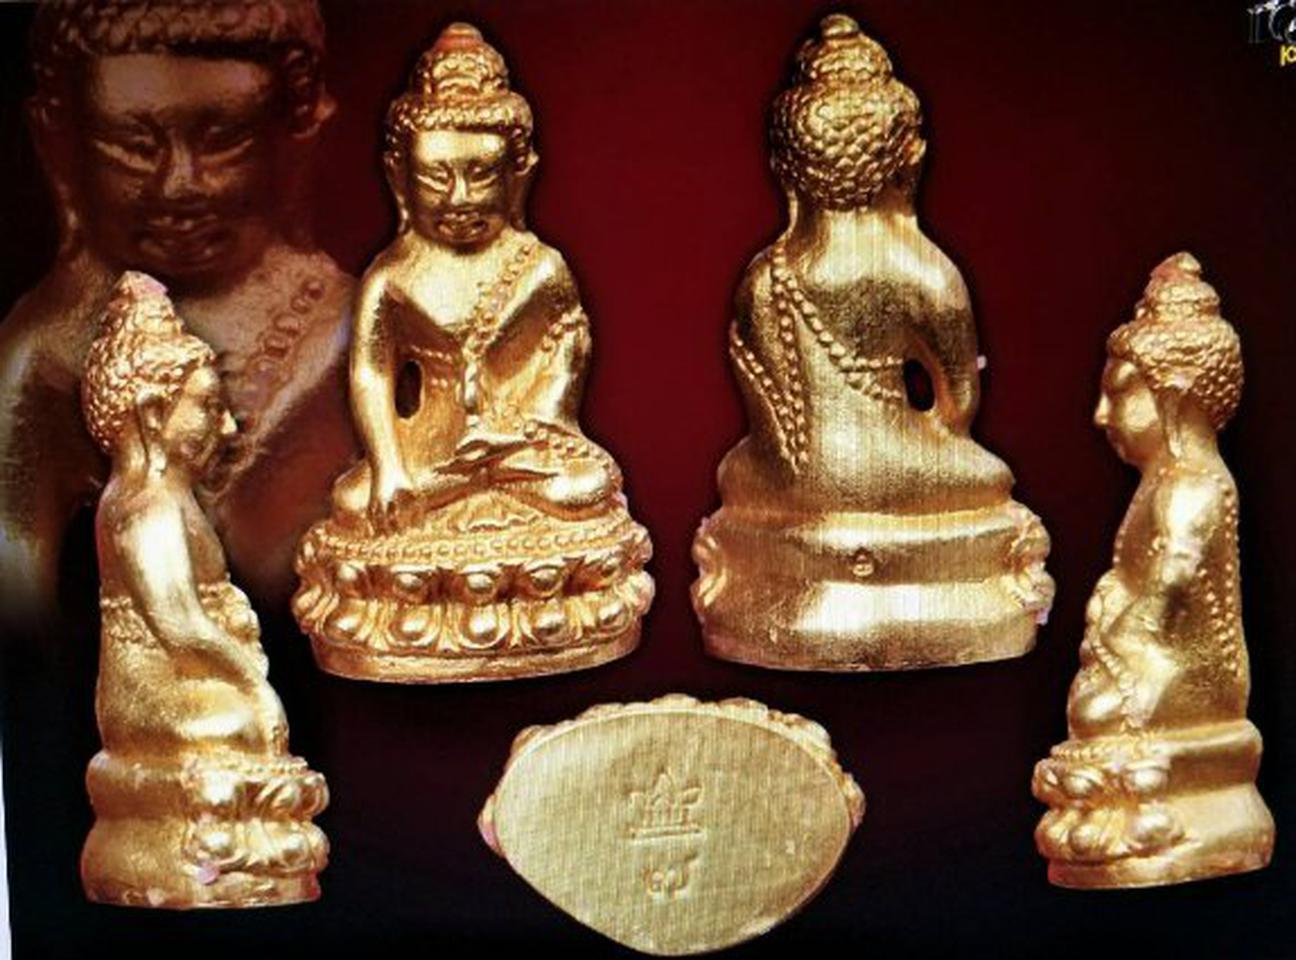 ขายพระกริ่งชินบัญชรหลวงปู่ทิม เนื้อทองคำ ปี 2517 วัดละหารไร่ จังหวัดระยอง รูปที่ 1